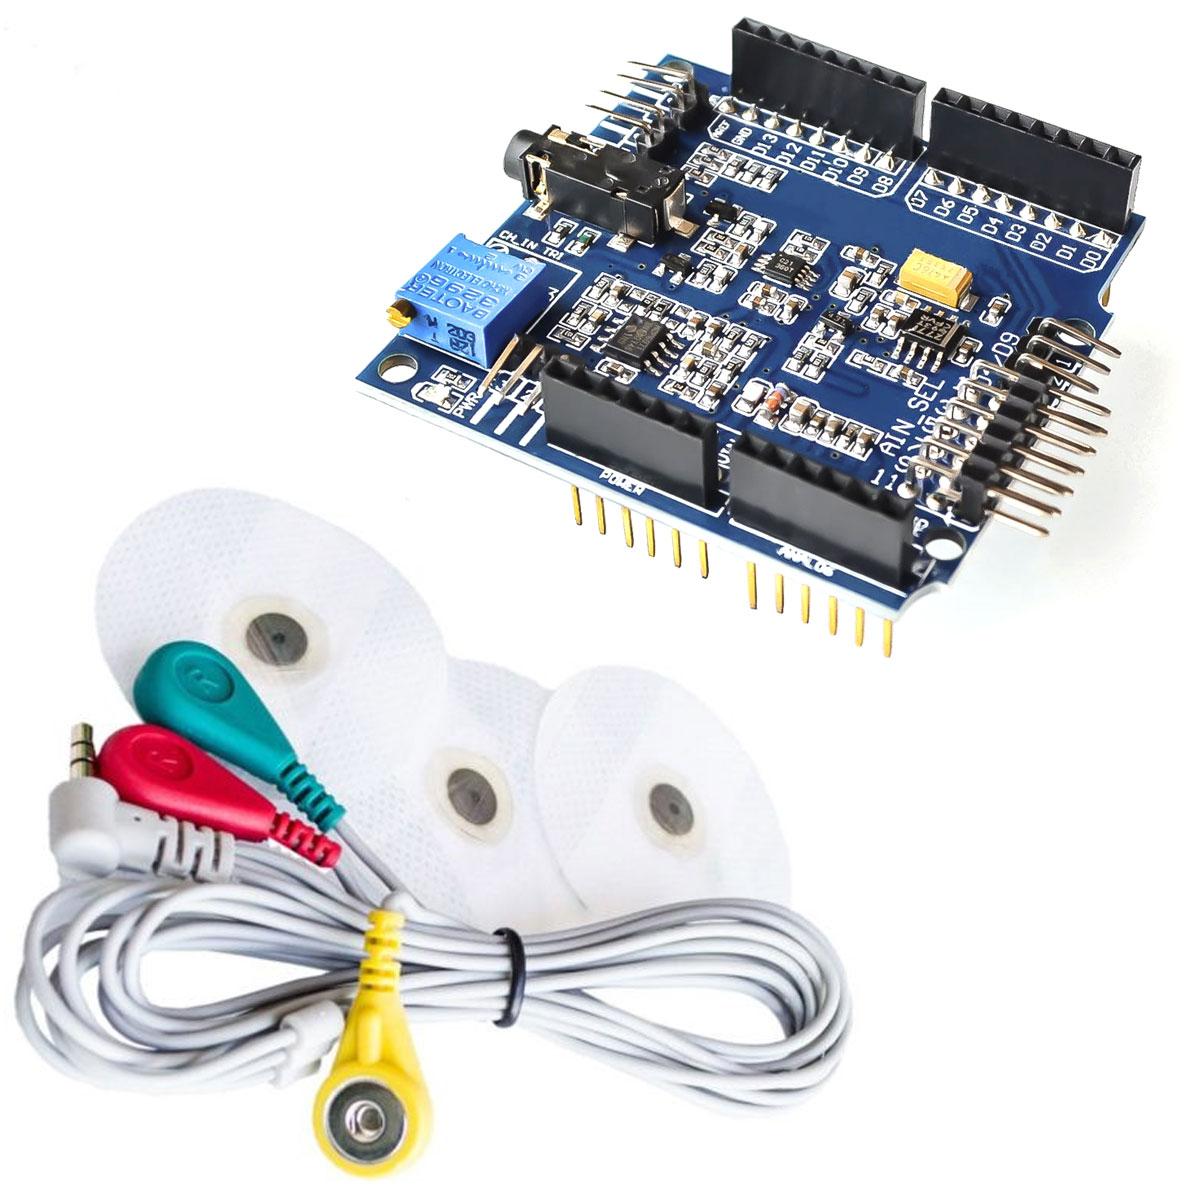 ECG EMG Sinais de Eletrocardiograma e Eletromiografia com Shield para Arduino